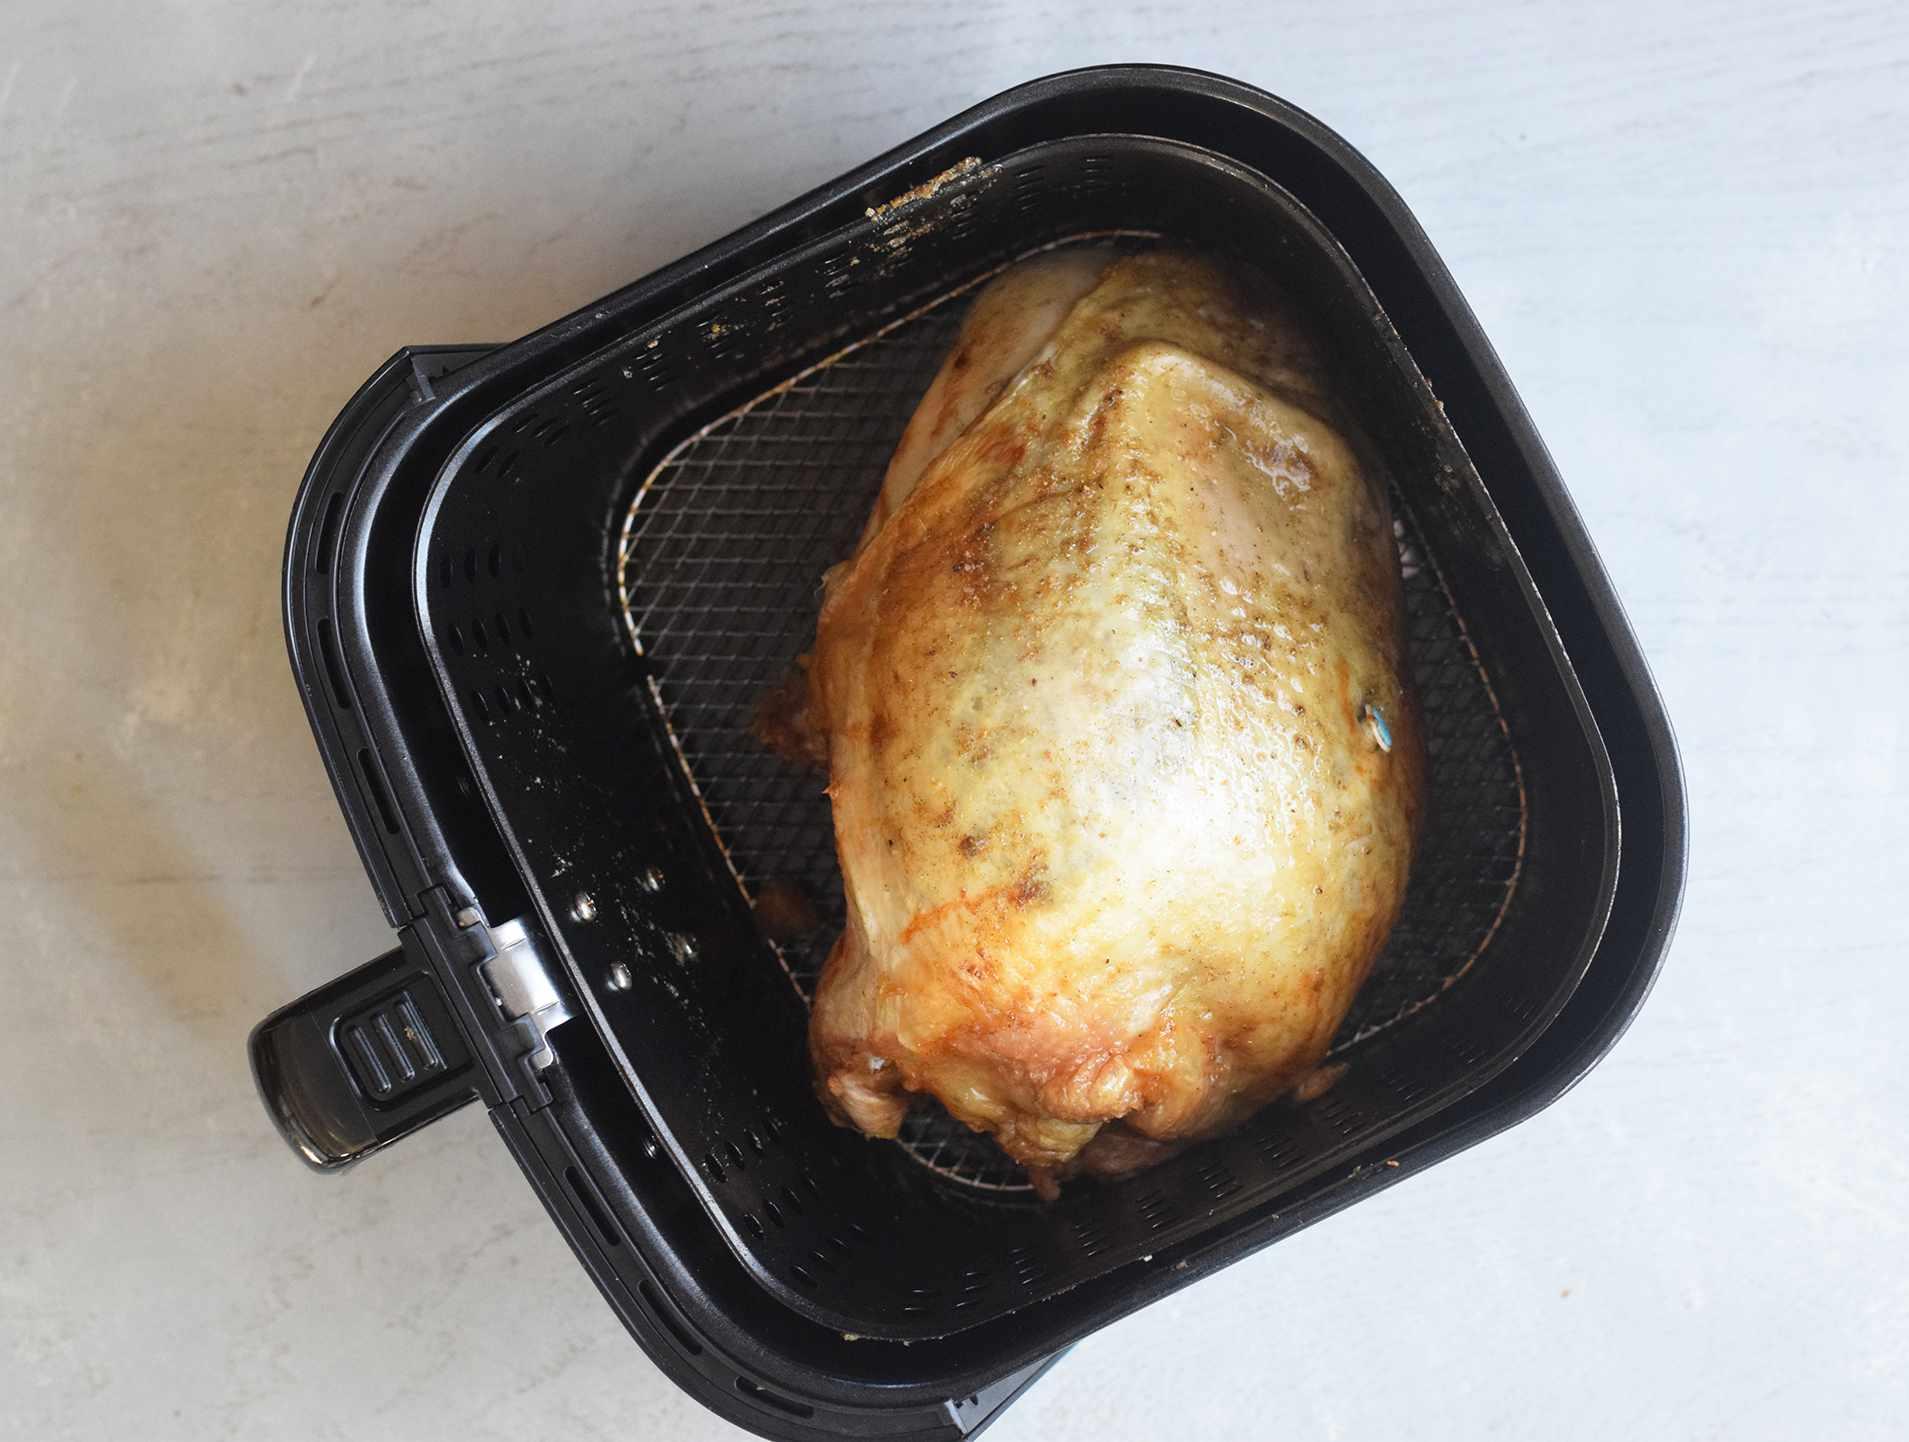 air-fryer-turkey-4775752-07